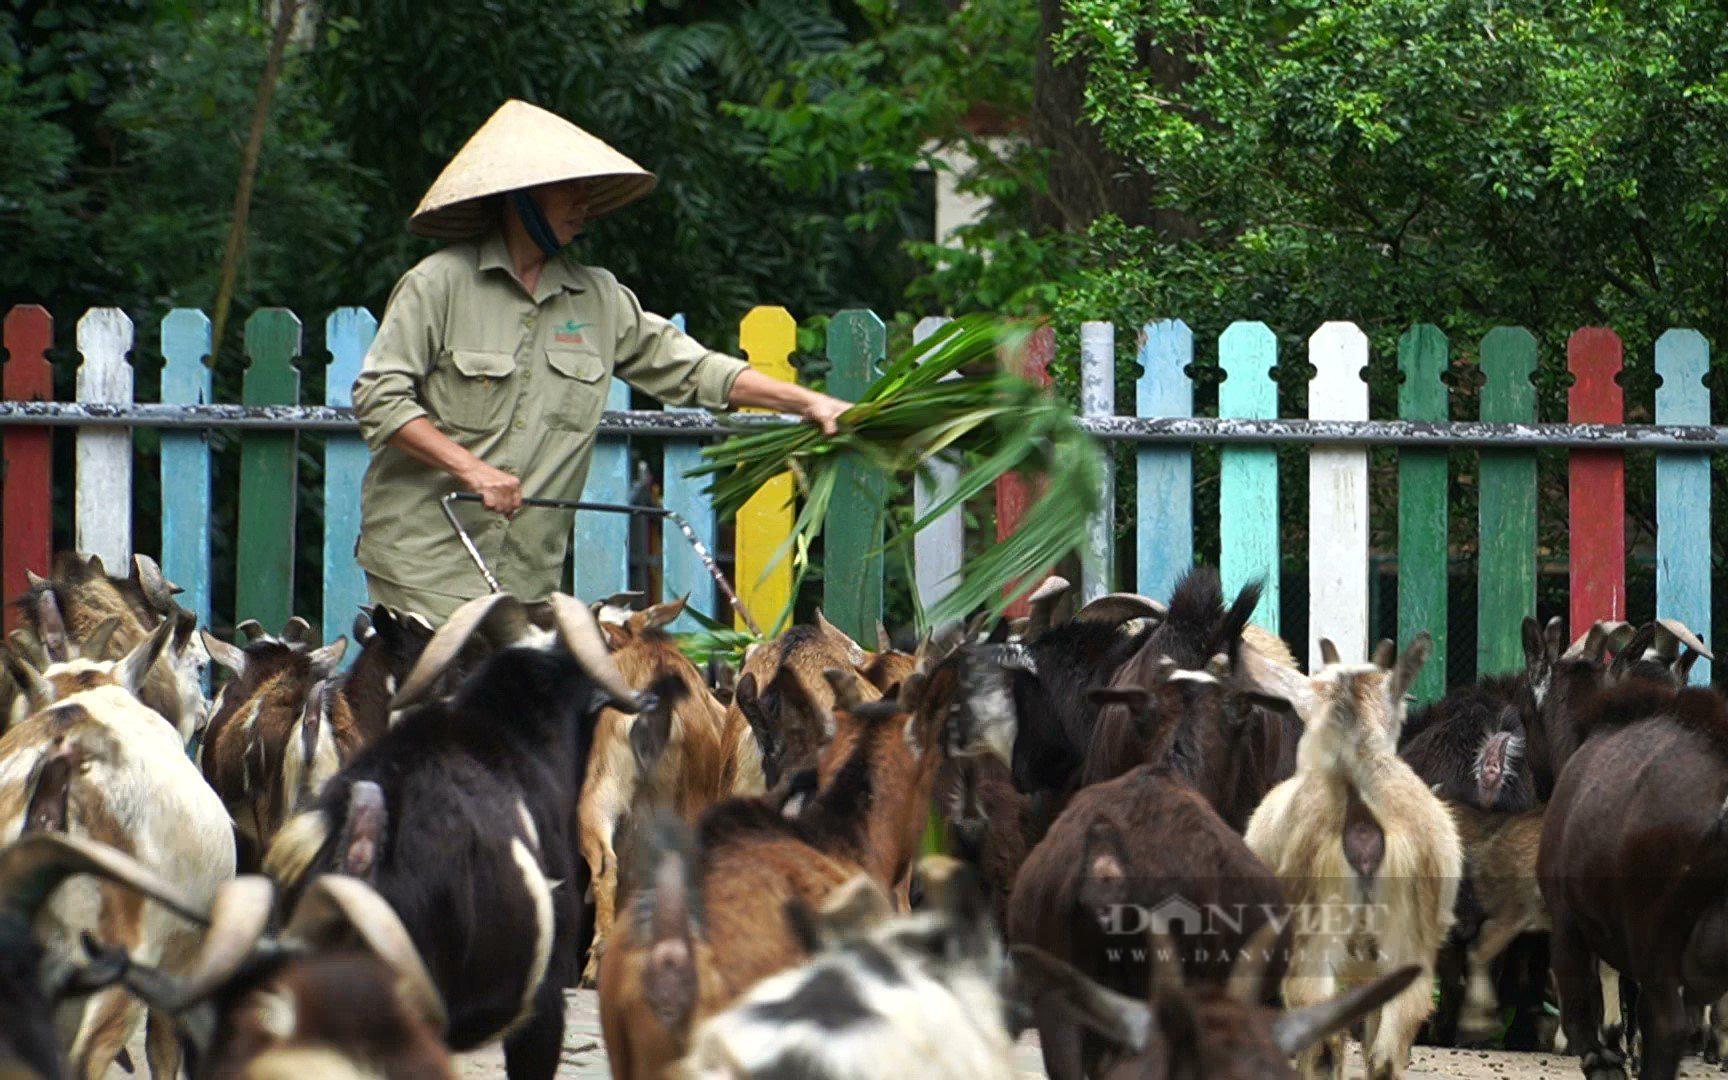 Thực hư việc lãnh đạo Thảo Cầm Viên Sài Gòn kêu gọi hỗ trợ kinh phí - Ảnh 1.